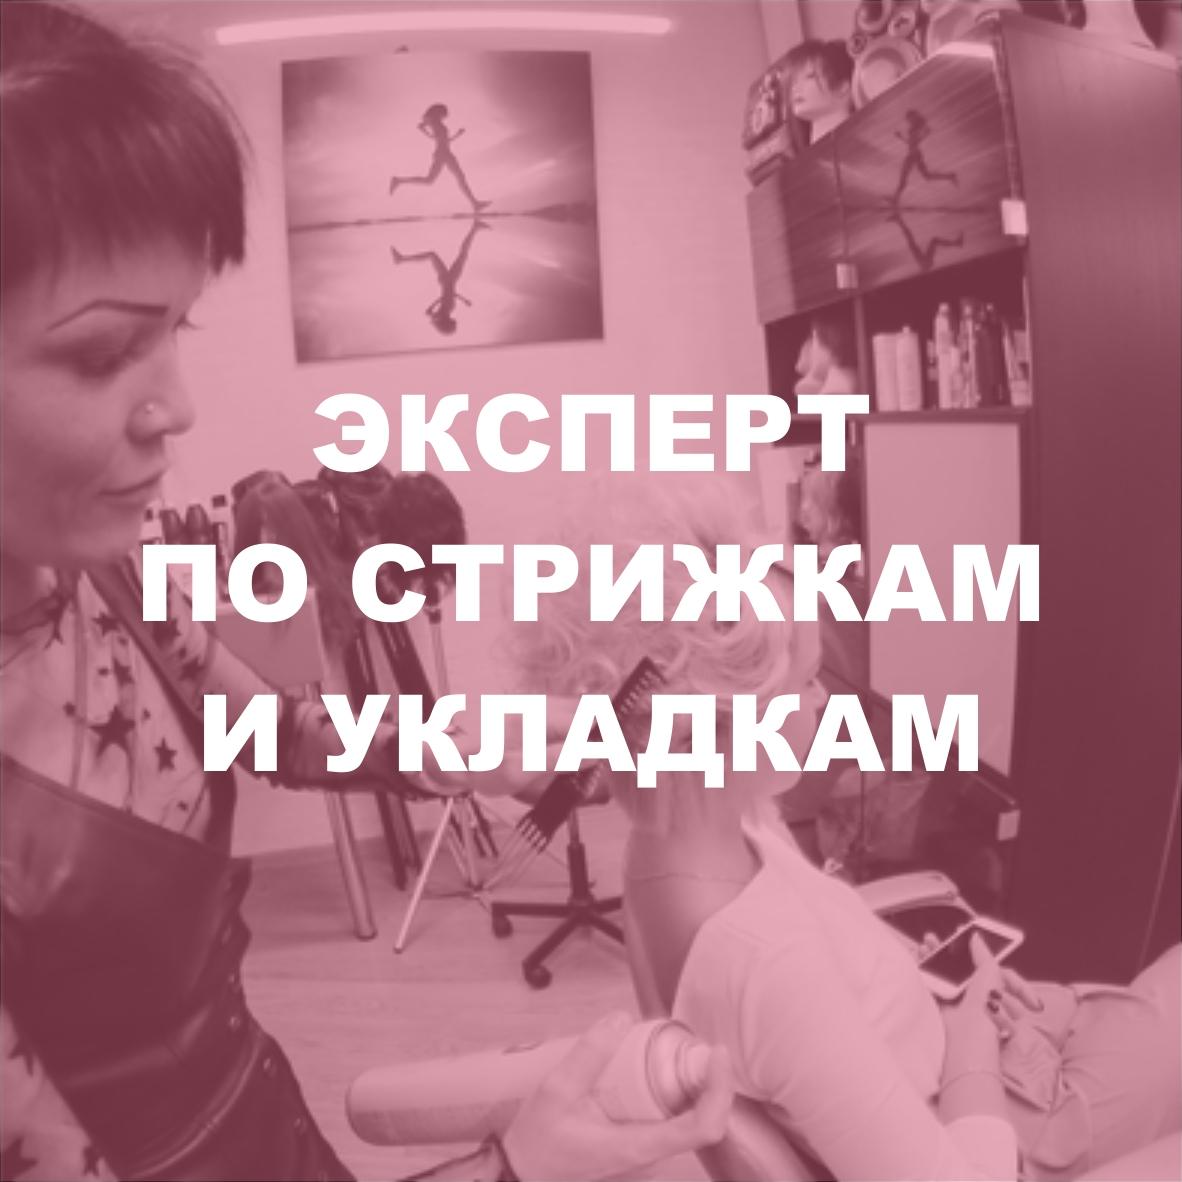 ЭКСПЕРТ ПО СТРИЖКАМ И УКЛАДКАМ